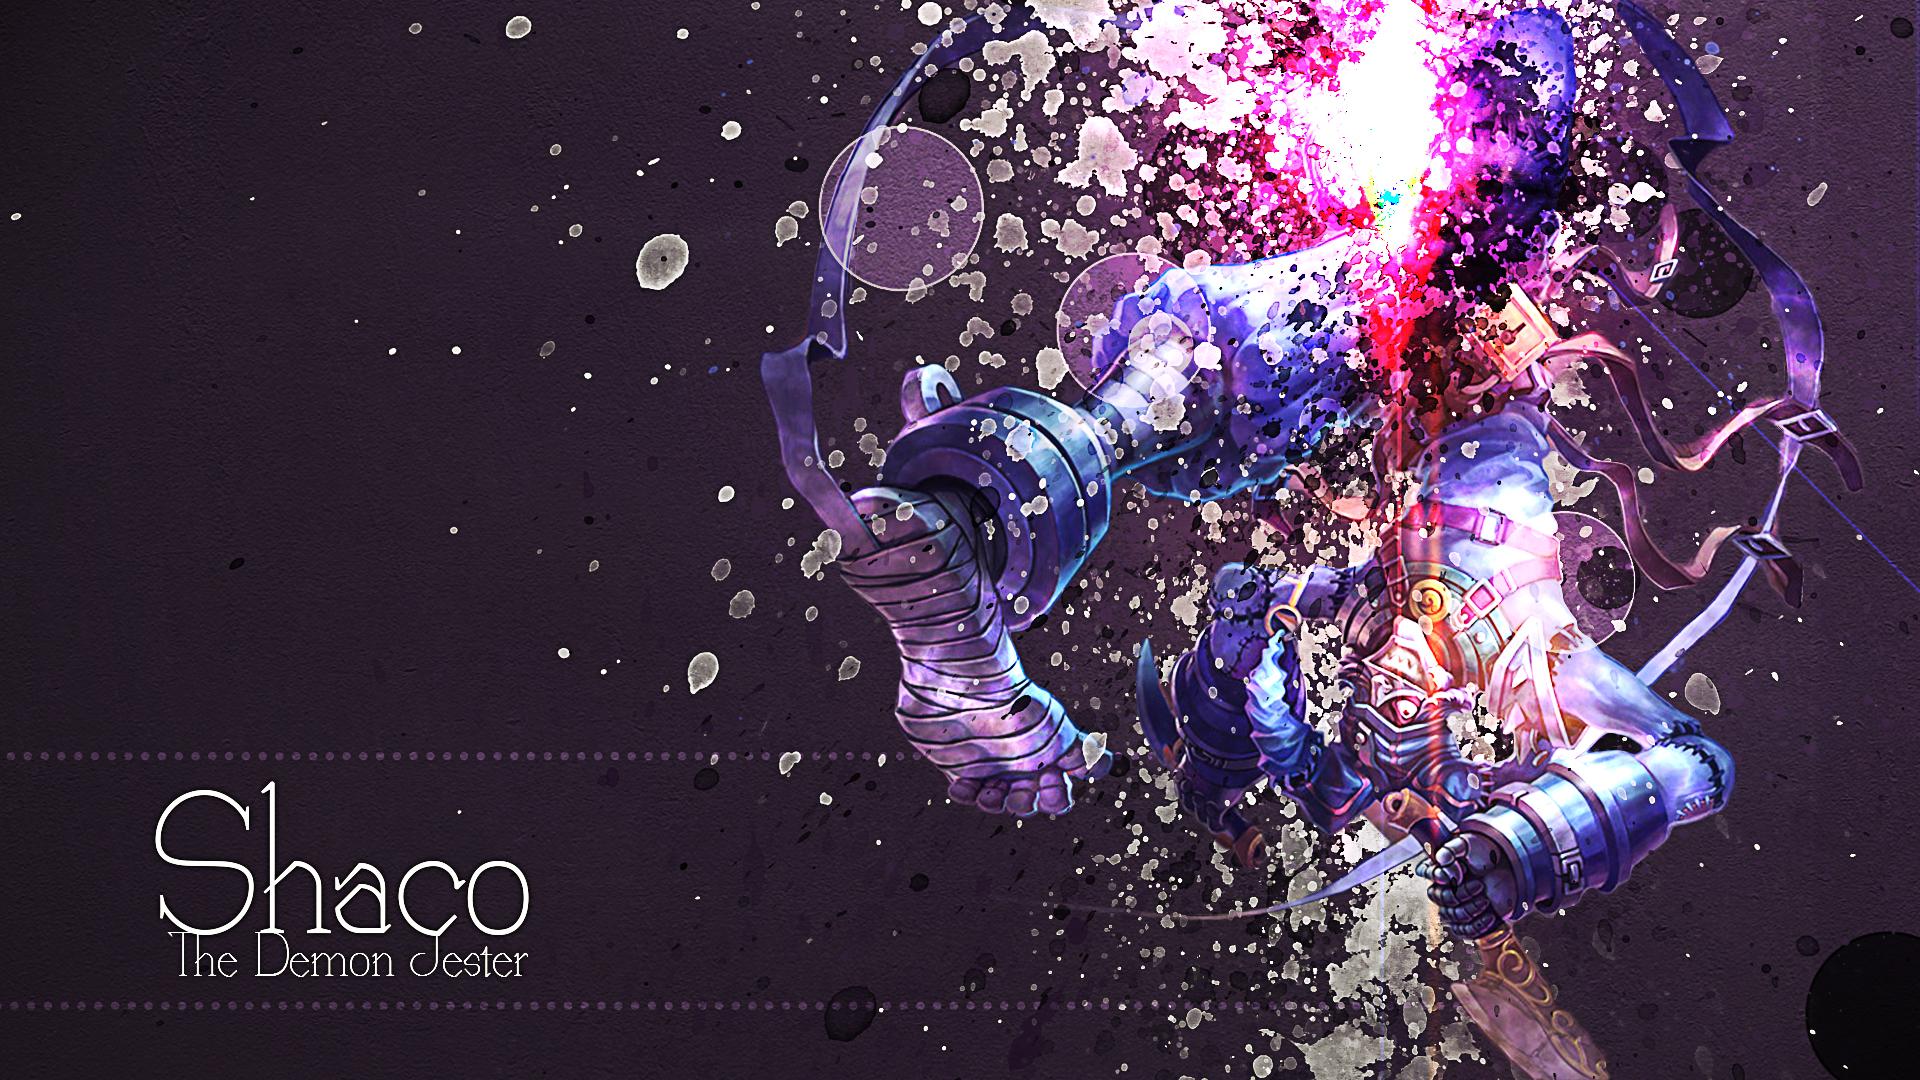 Shaco The demon Jester Fan art wallpaper by mex8 on DeviantArt